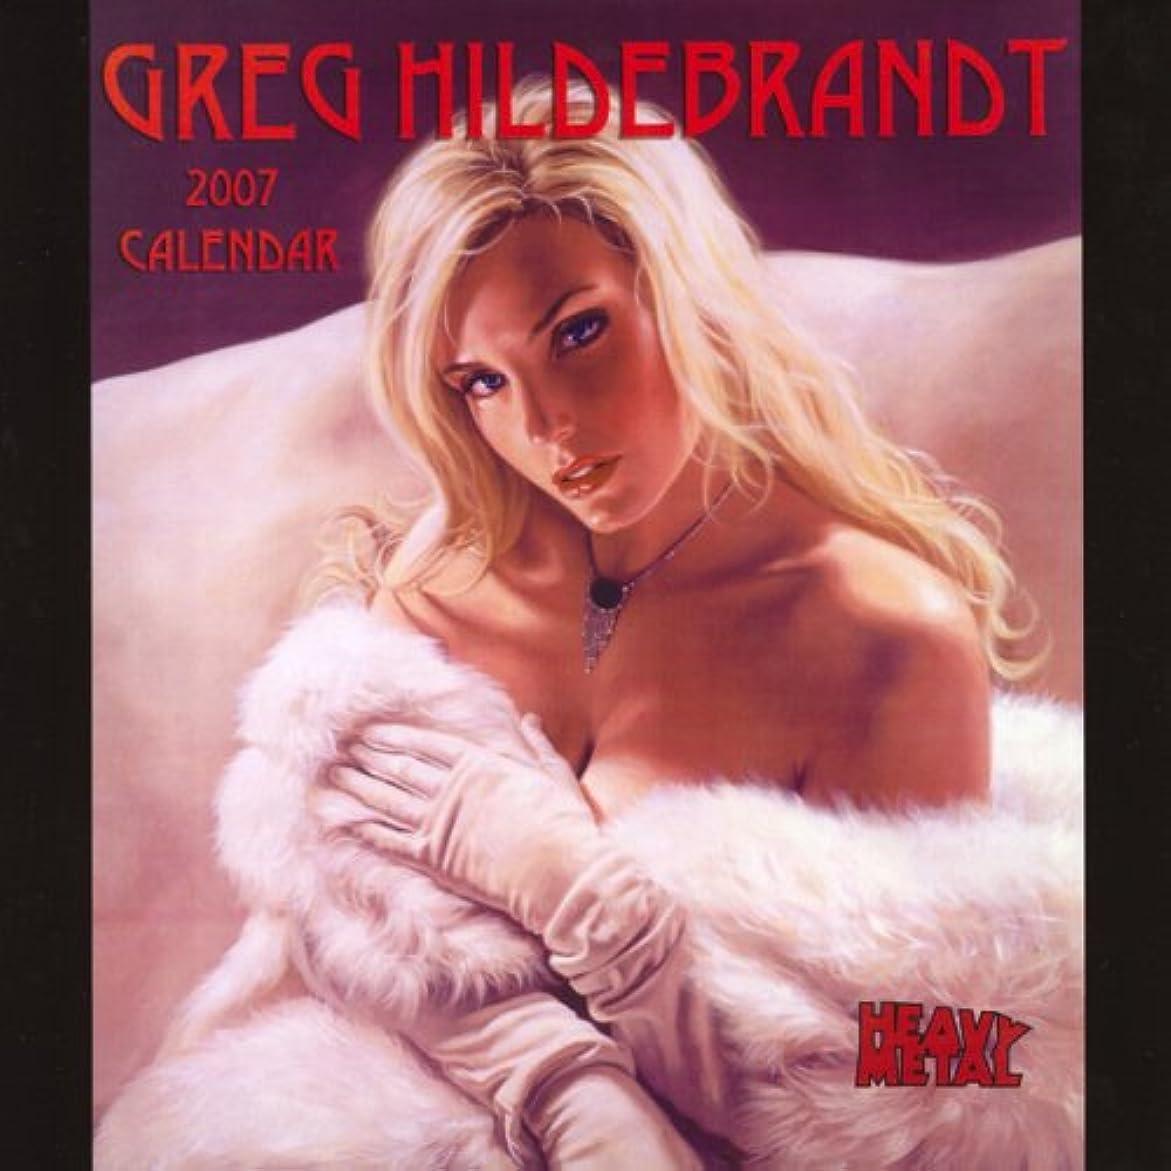 ケニアスロー海里Greg Hildebrandt 2007 Calendar